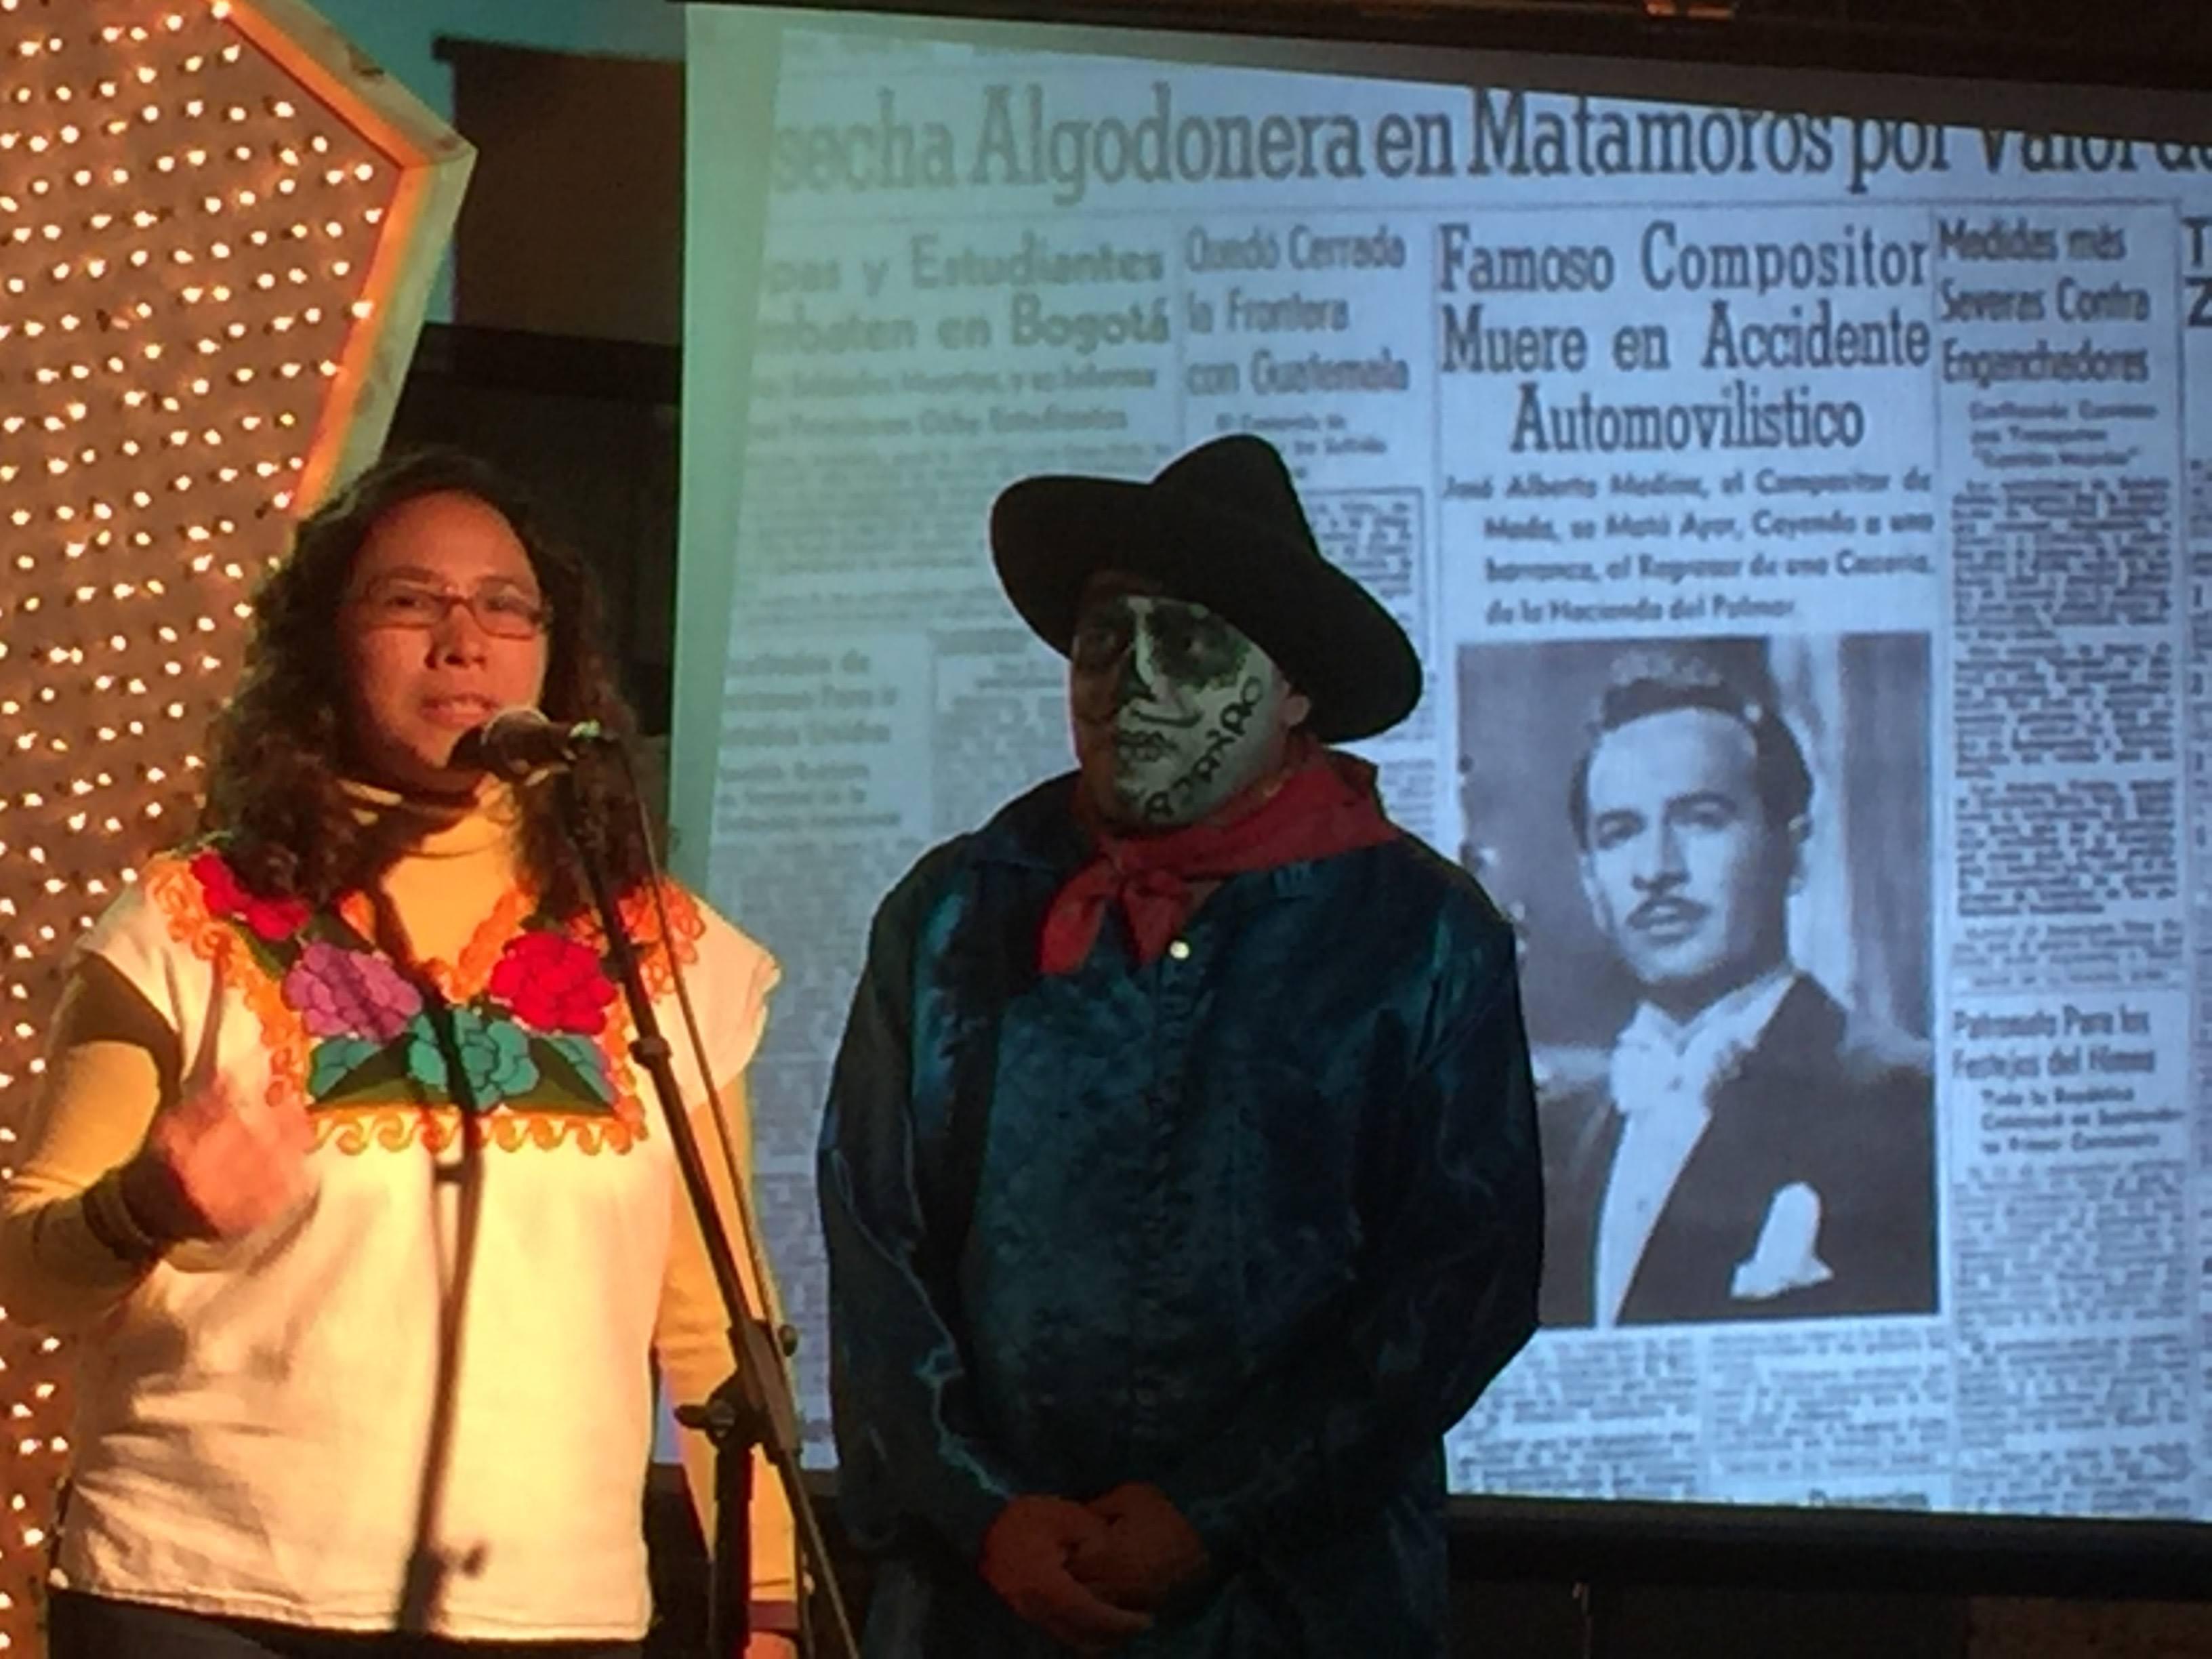 Fotos de Antonio Flores-Lobos y cortesía de R-voluciónRadio, Felipe Santos